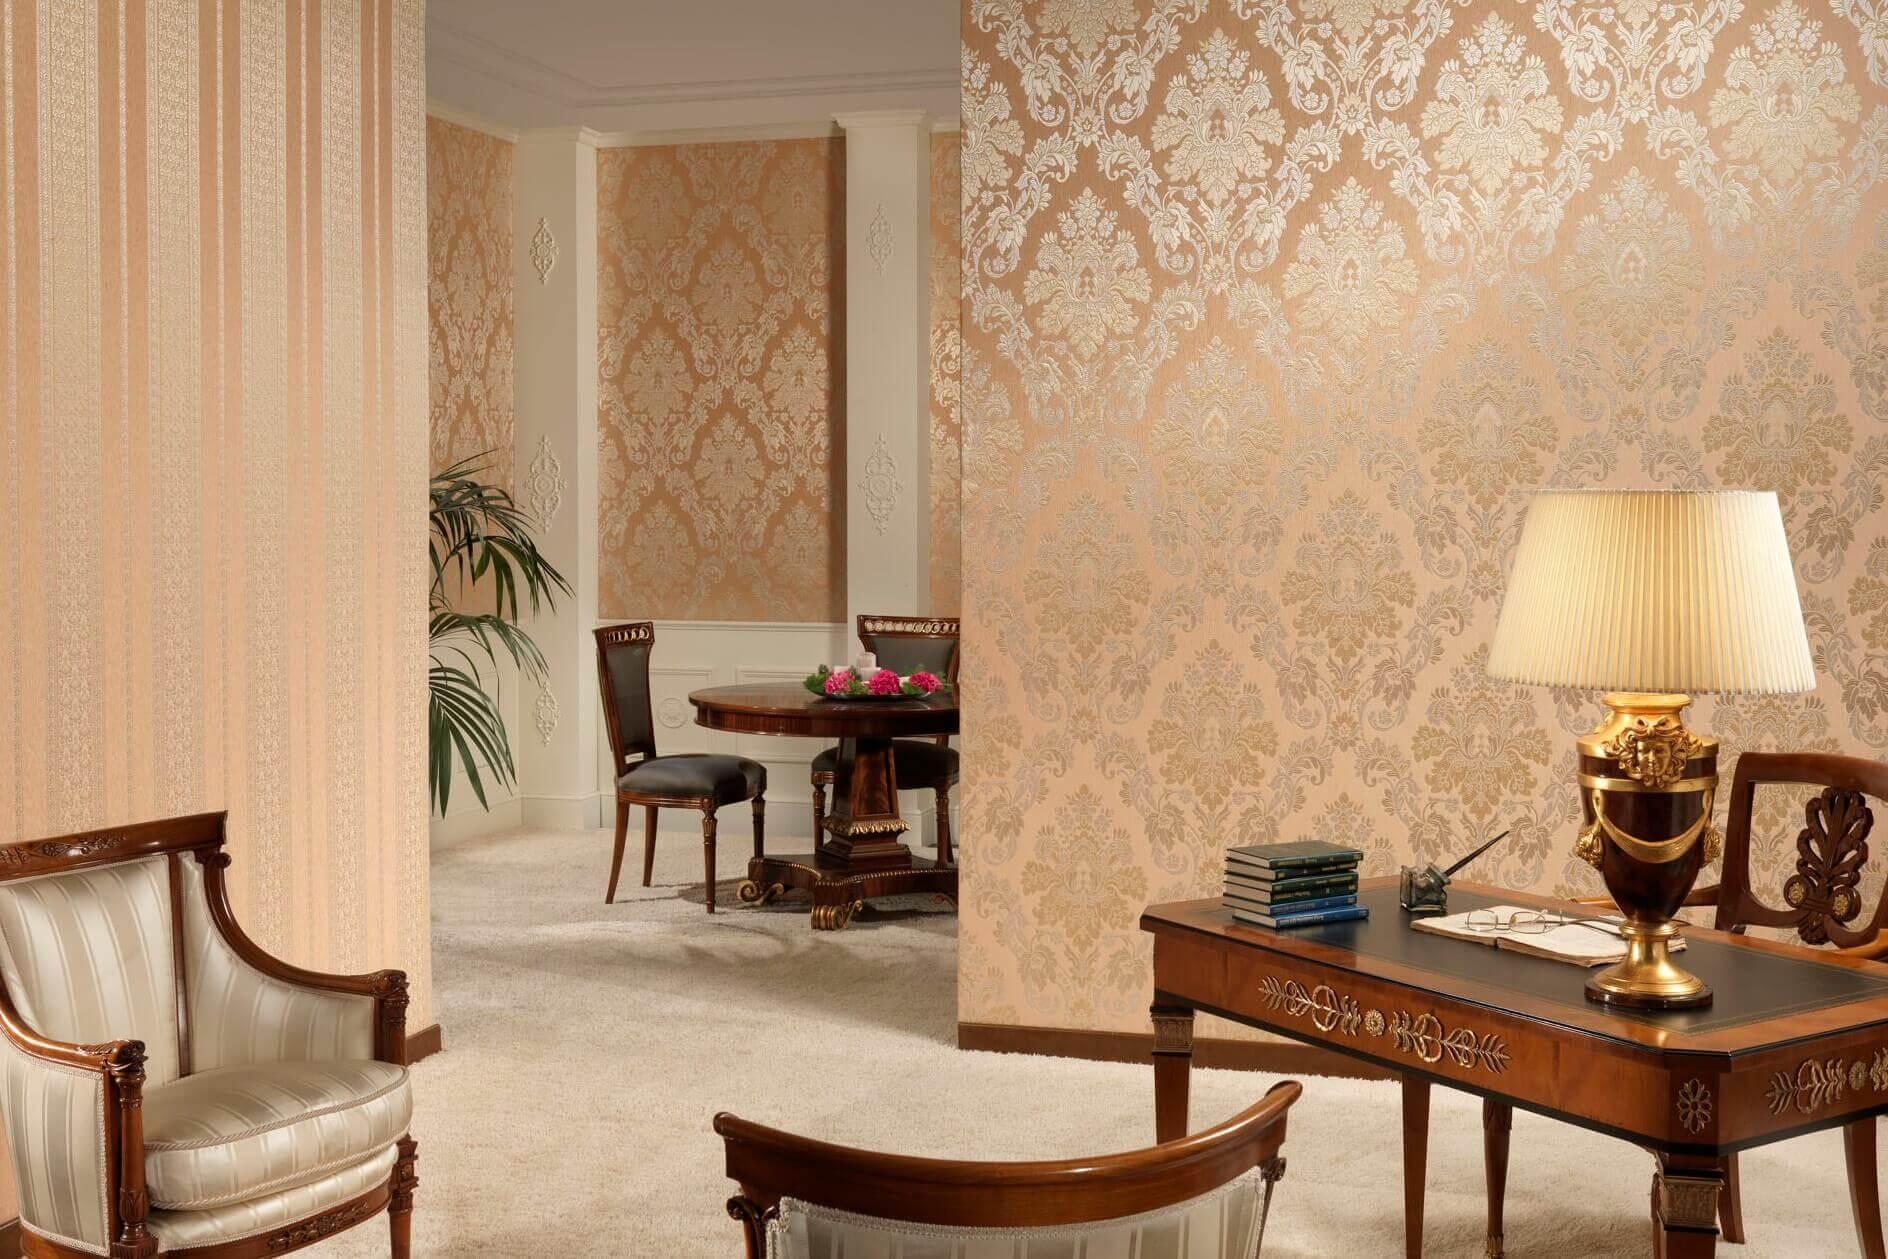 Дизайн стен зала обоями фото